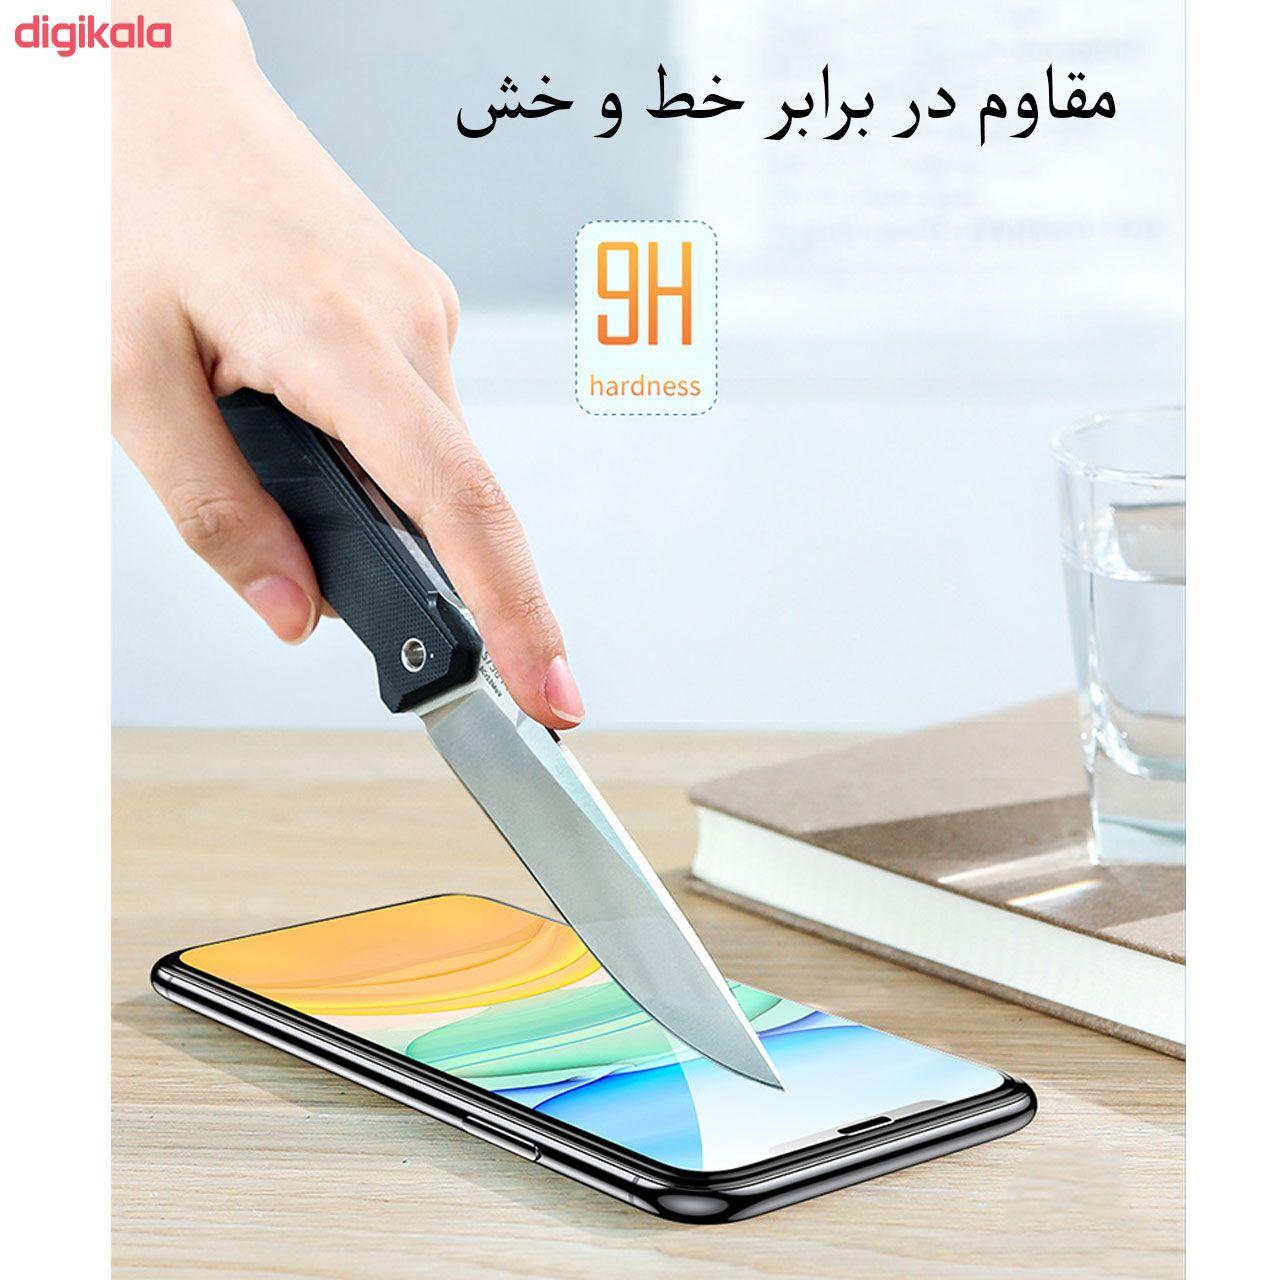 محافظ صفحه نمایش مدل FCG مناسب برای گوشی موبایل اپل iPhone 12 Pro بسته دو عددی main 1 7